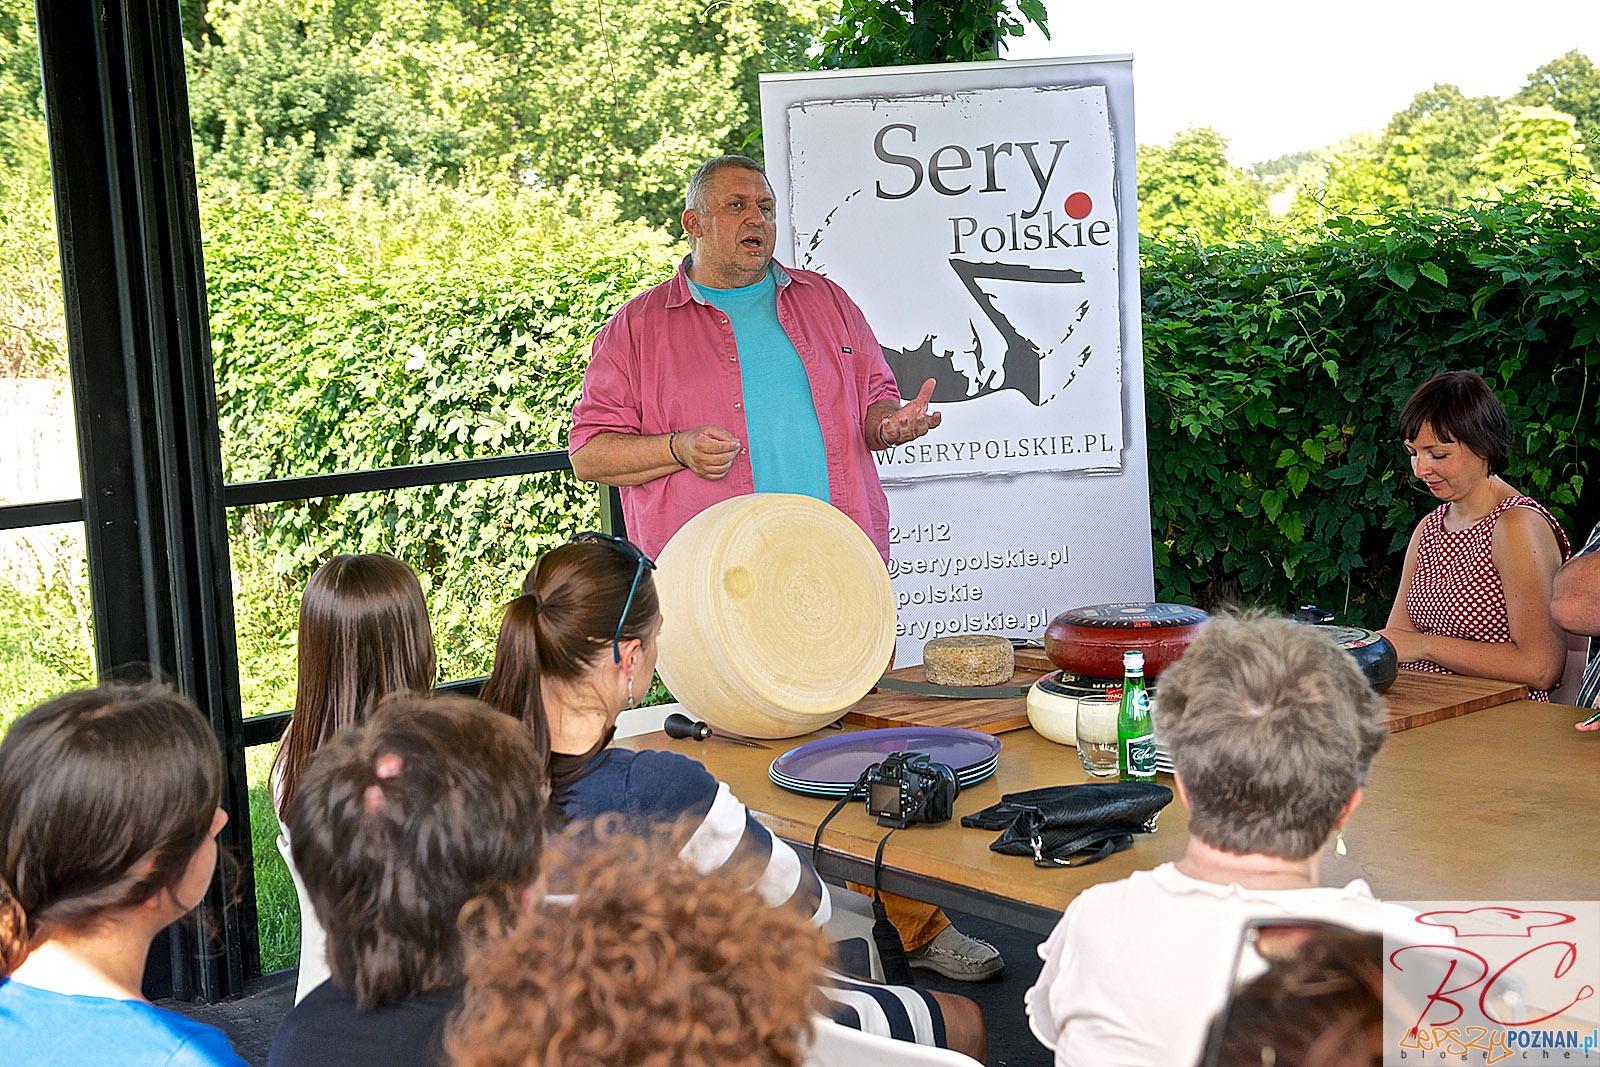 Gieno opowiada o serach  Foto: blogerchef.pl